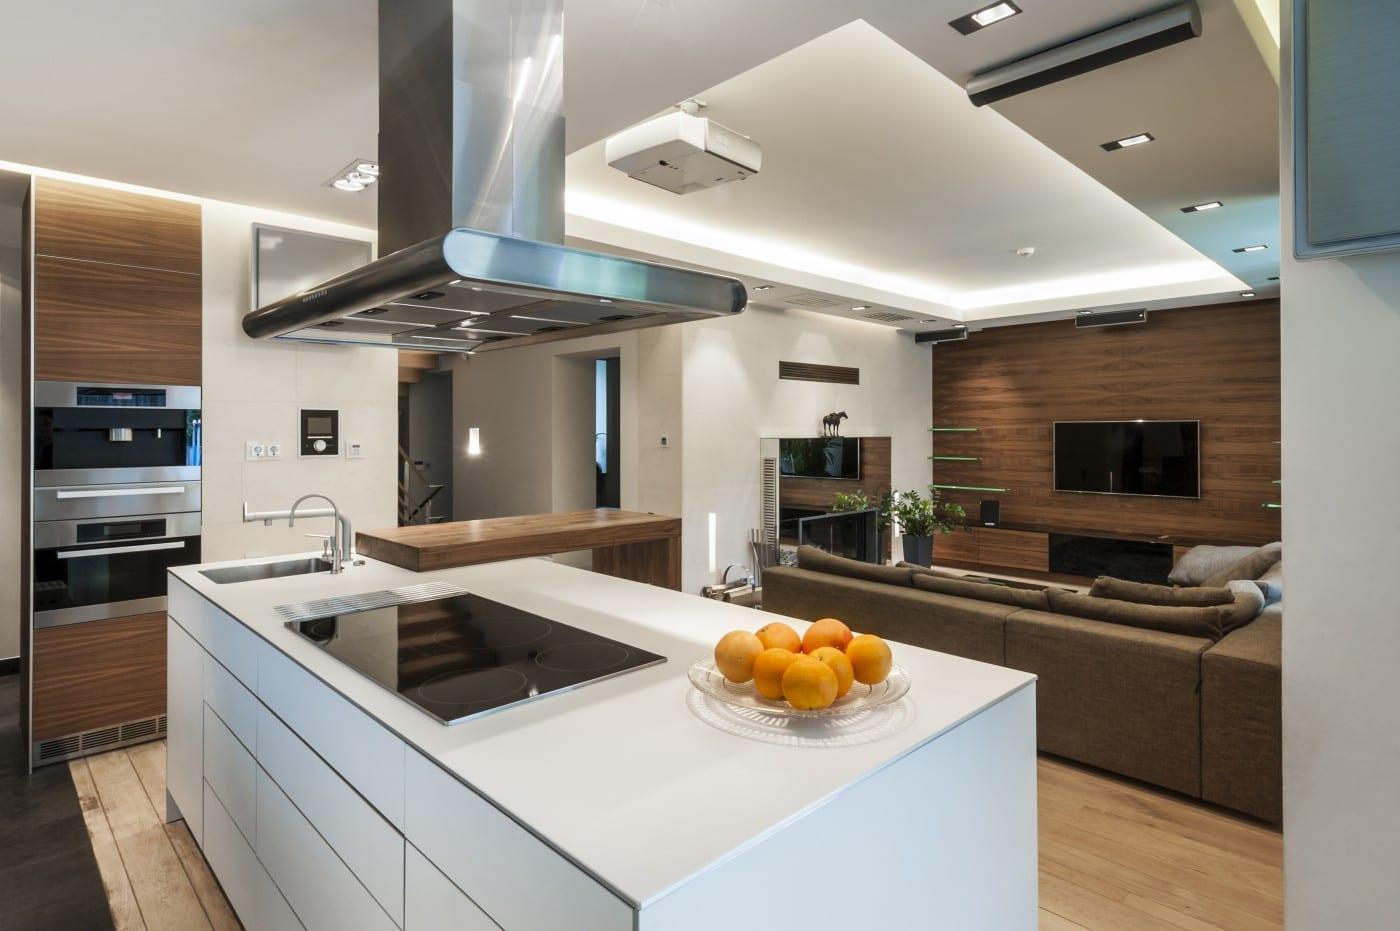 Кухня-гостиная с островом: преимущества планировки и оригинальные идеи оформления